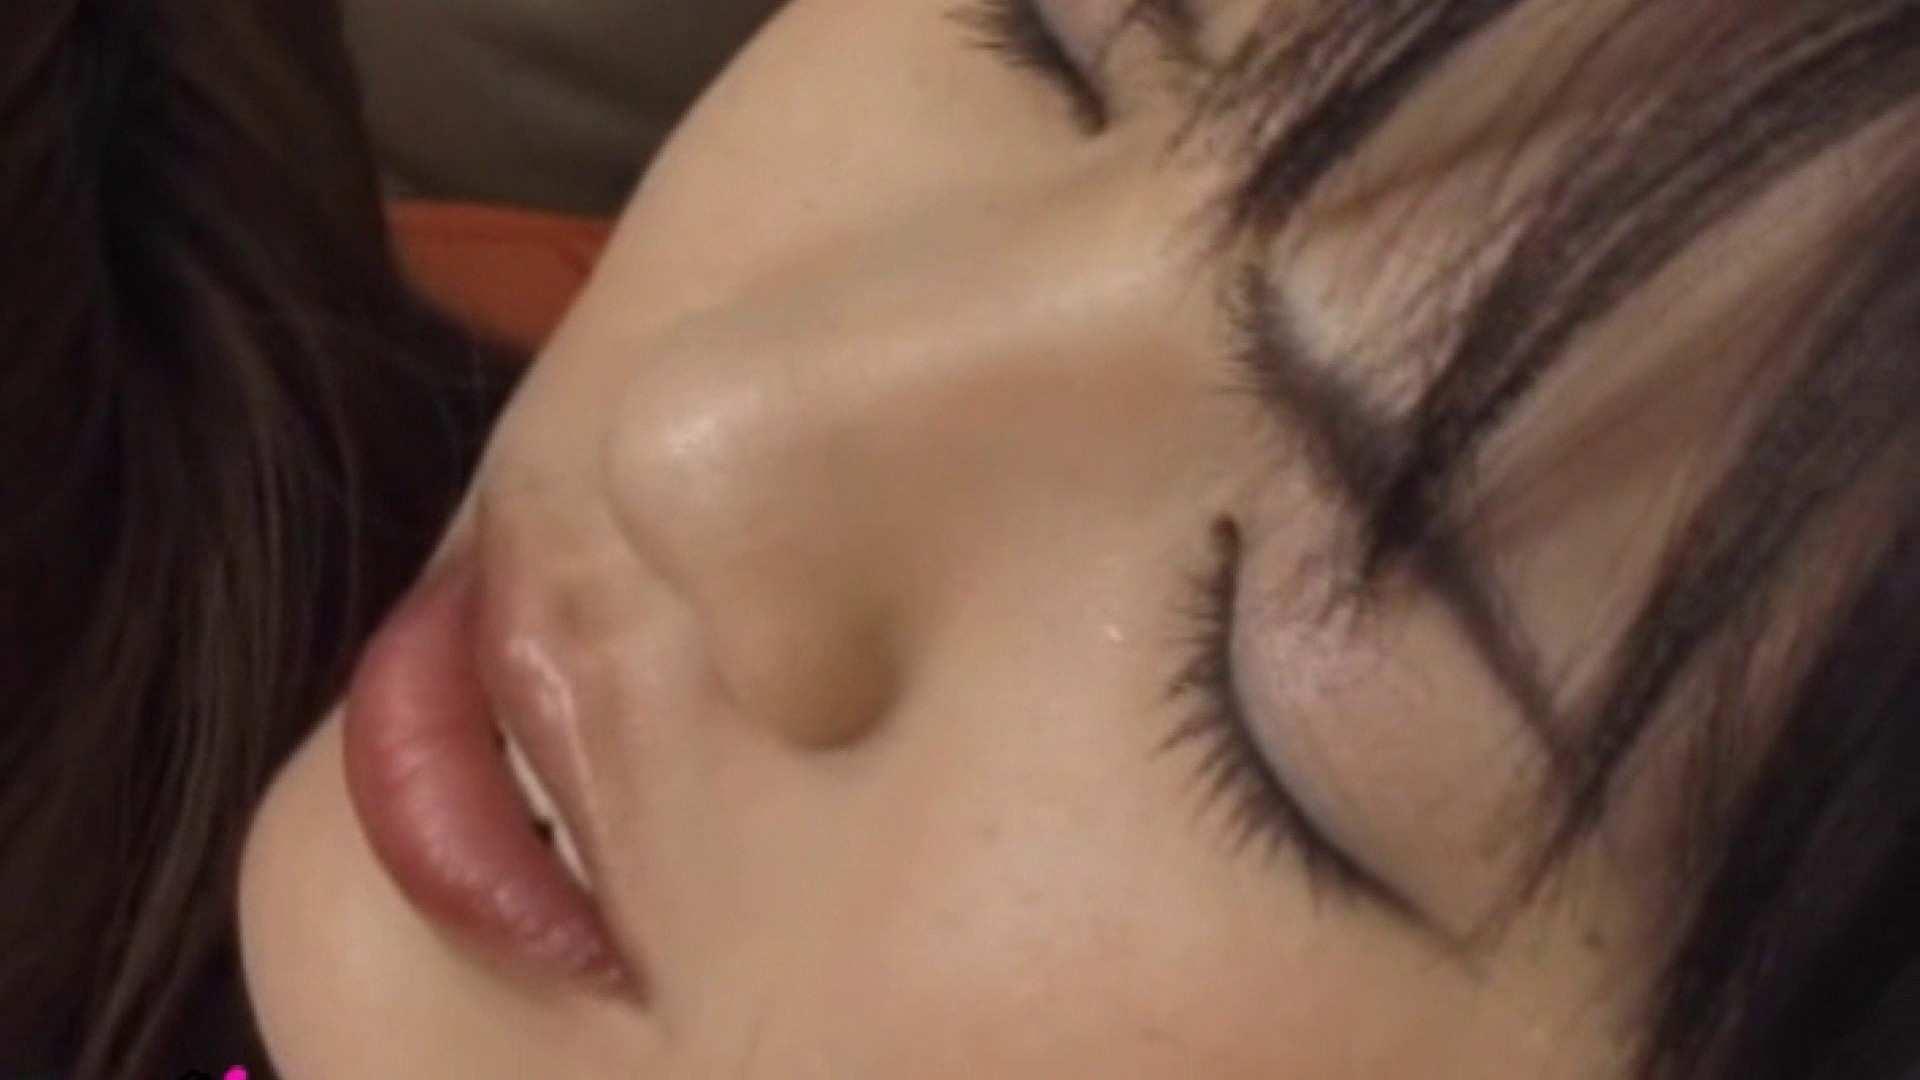 おしえてギャル子のH塾 Vol.42前編 OLのエッチ ヌード画像 90pic 34